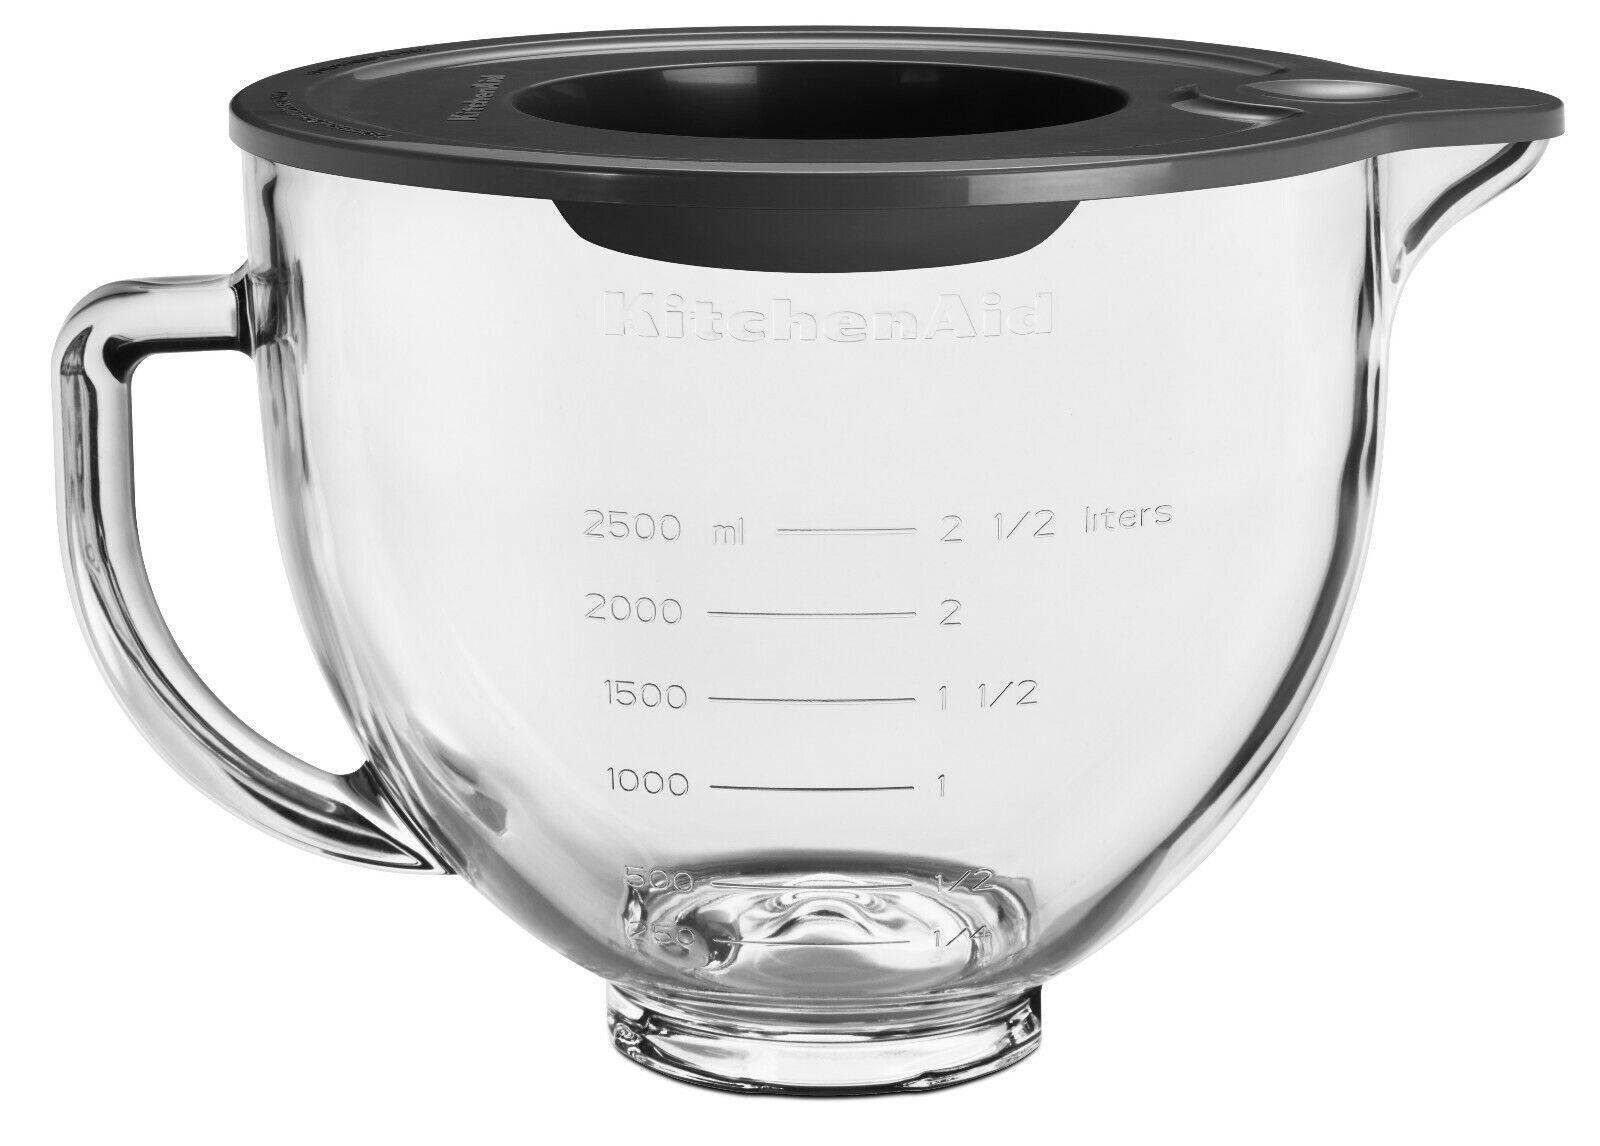 KitchenAid Glasschüssel 4,8 Ltr. mit Silikondeckel 5KSM5GB